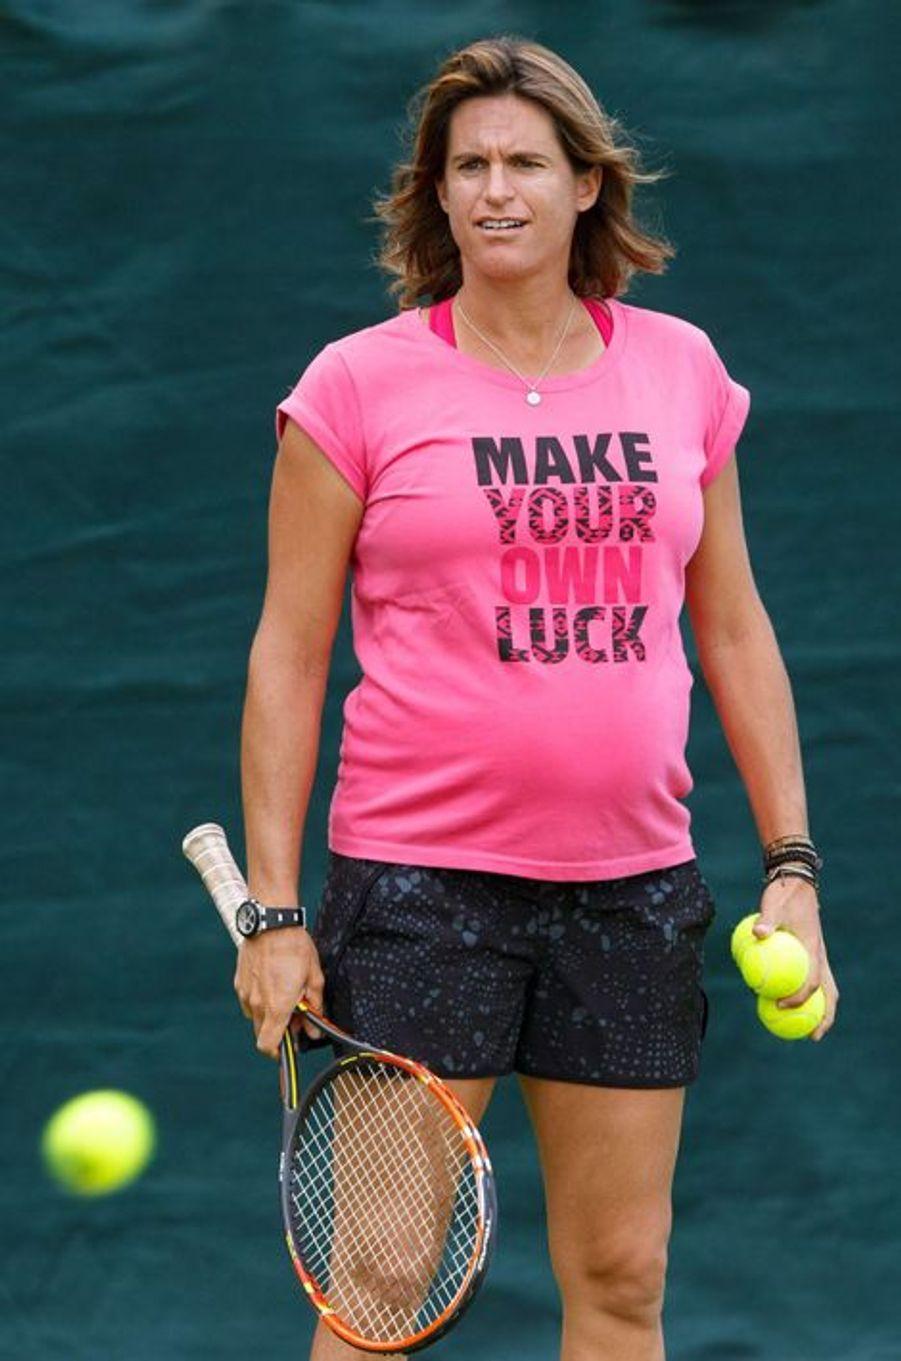 La championne de tennis Amélie Mauresmo a accouché d'un petit garçon prénommé Aaron en août 2015.